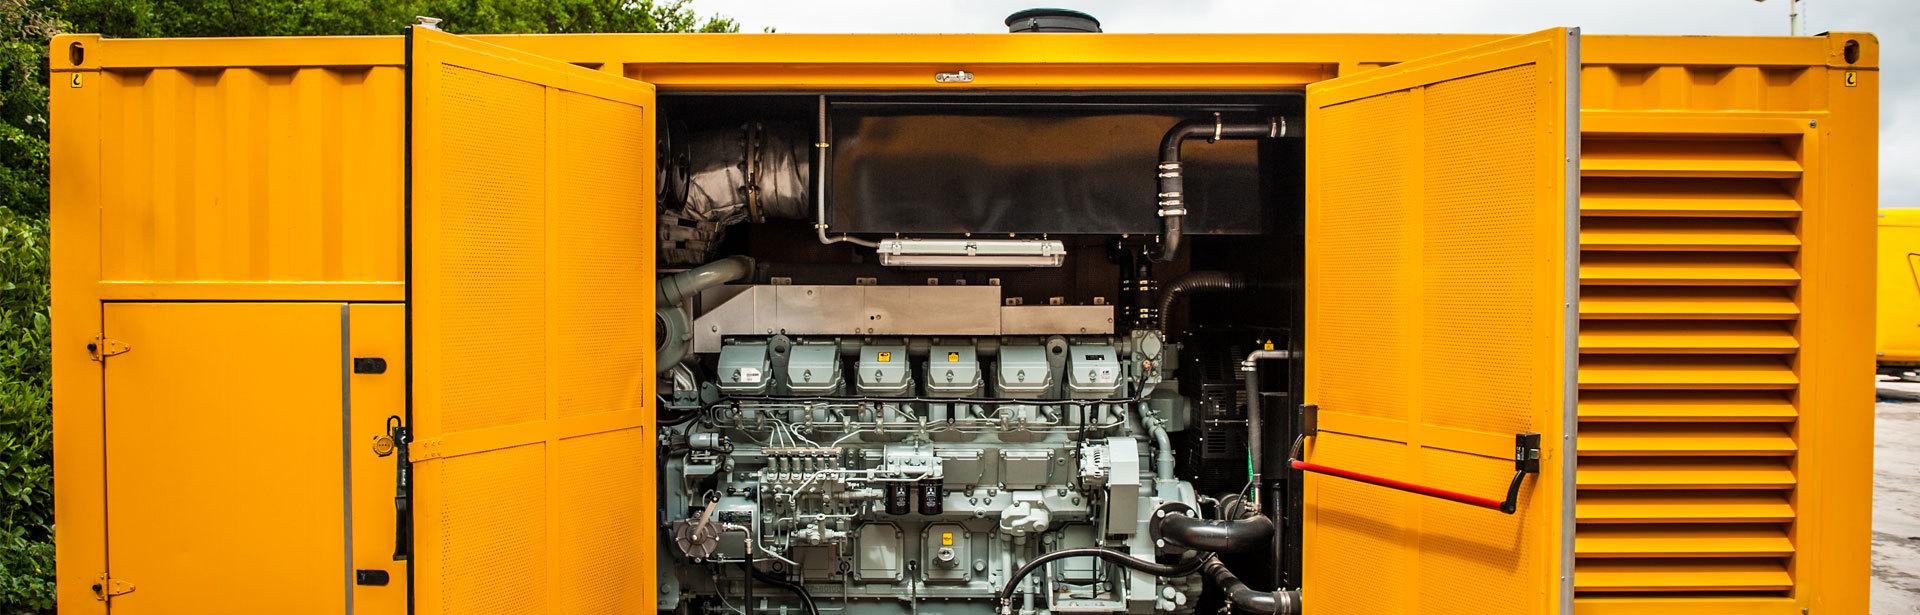 Image of a 730-2500 kVA Mitsubishi